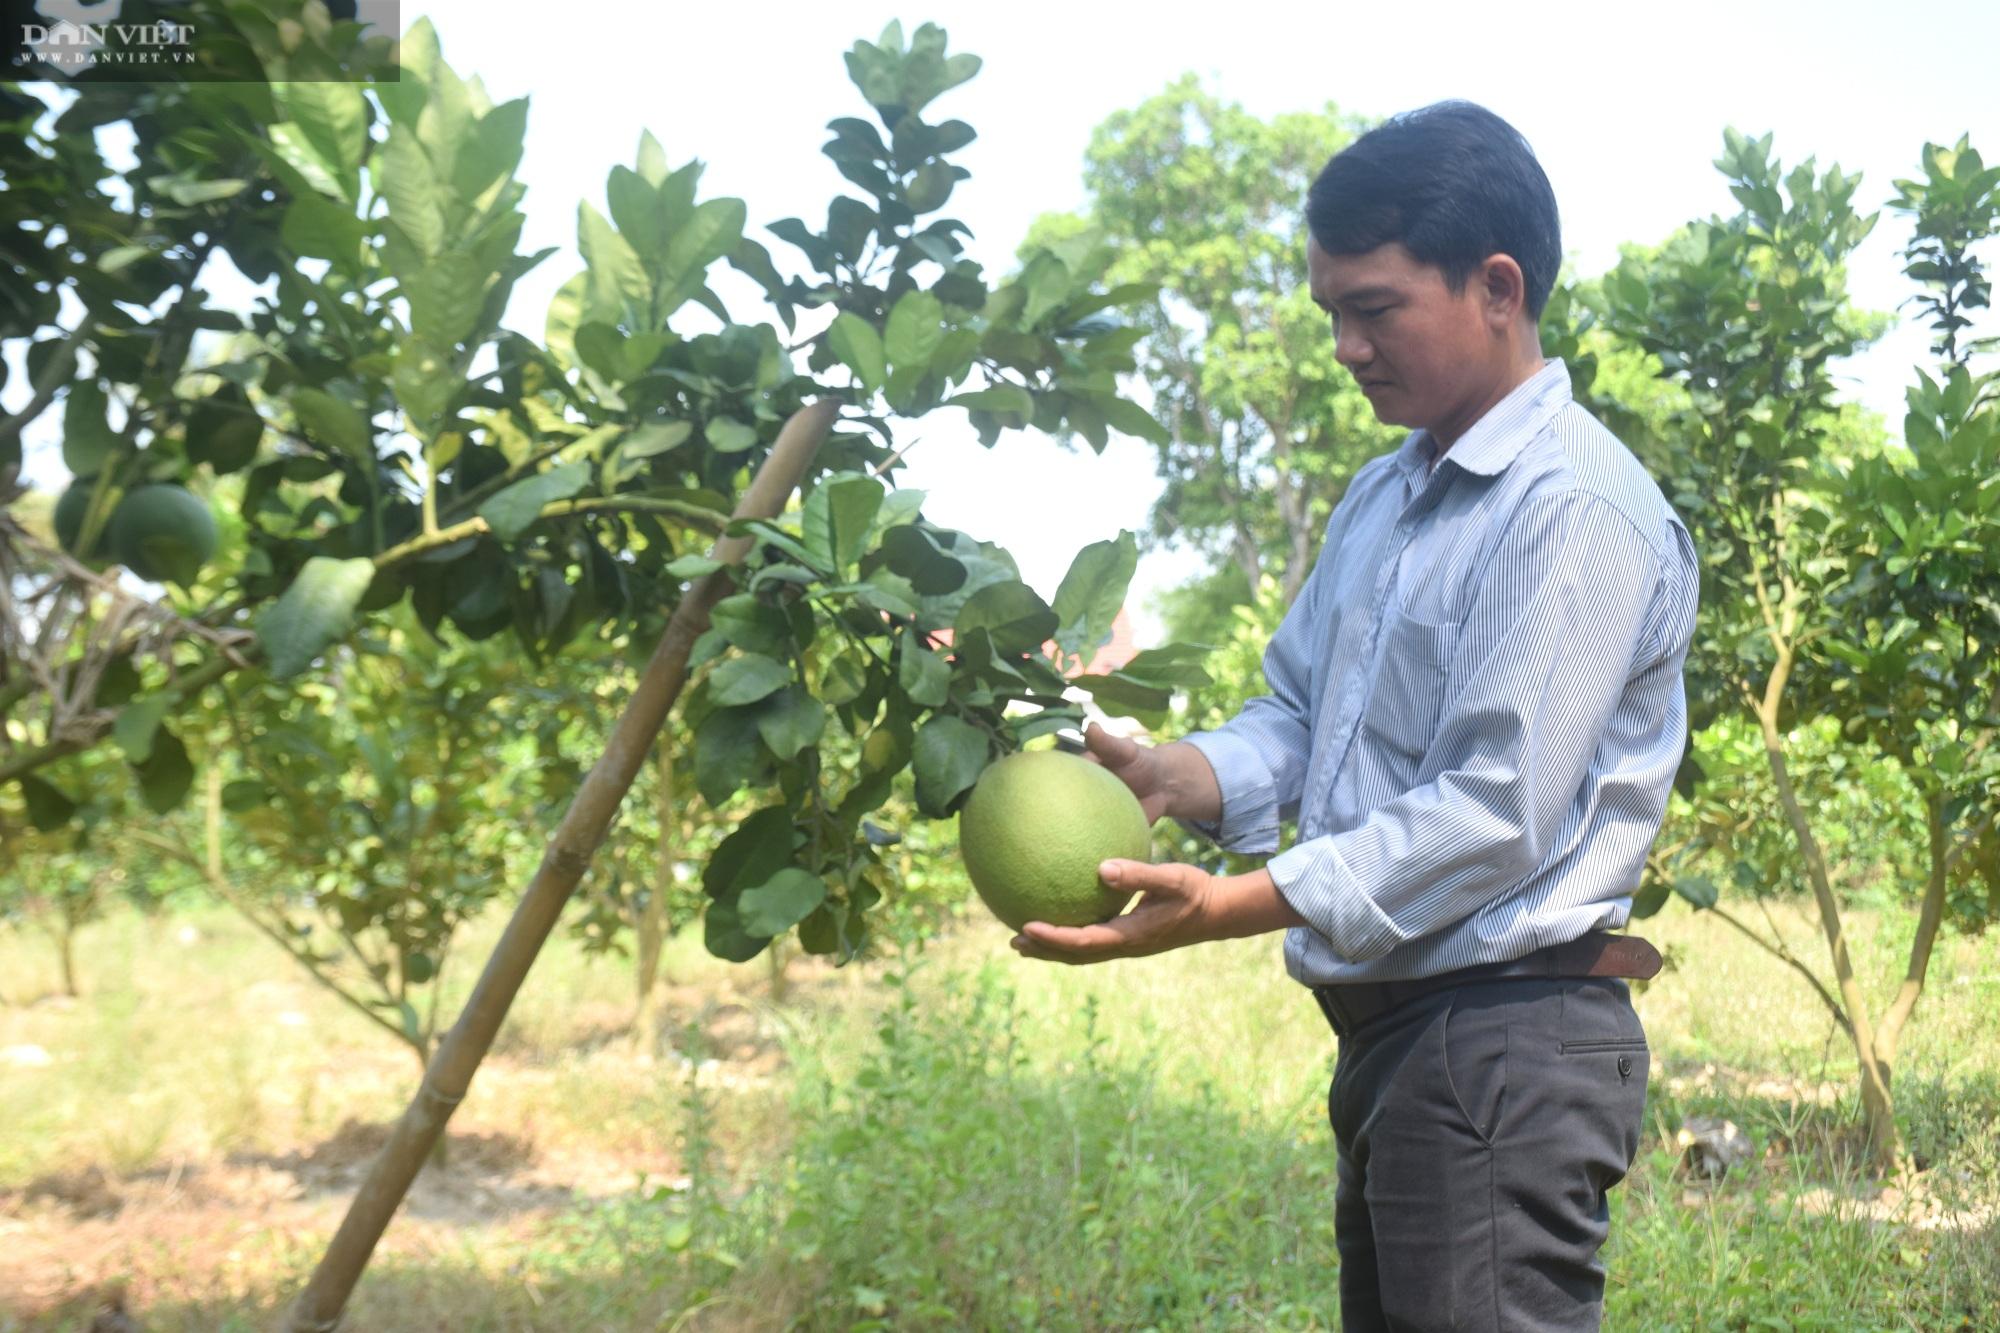 """Bình Định: Vùng này thiếu nước, nông dân """"bắt tay"""" chuyển đổi cây trồng và cái kết không ngờ - Ảnh 1."""